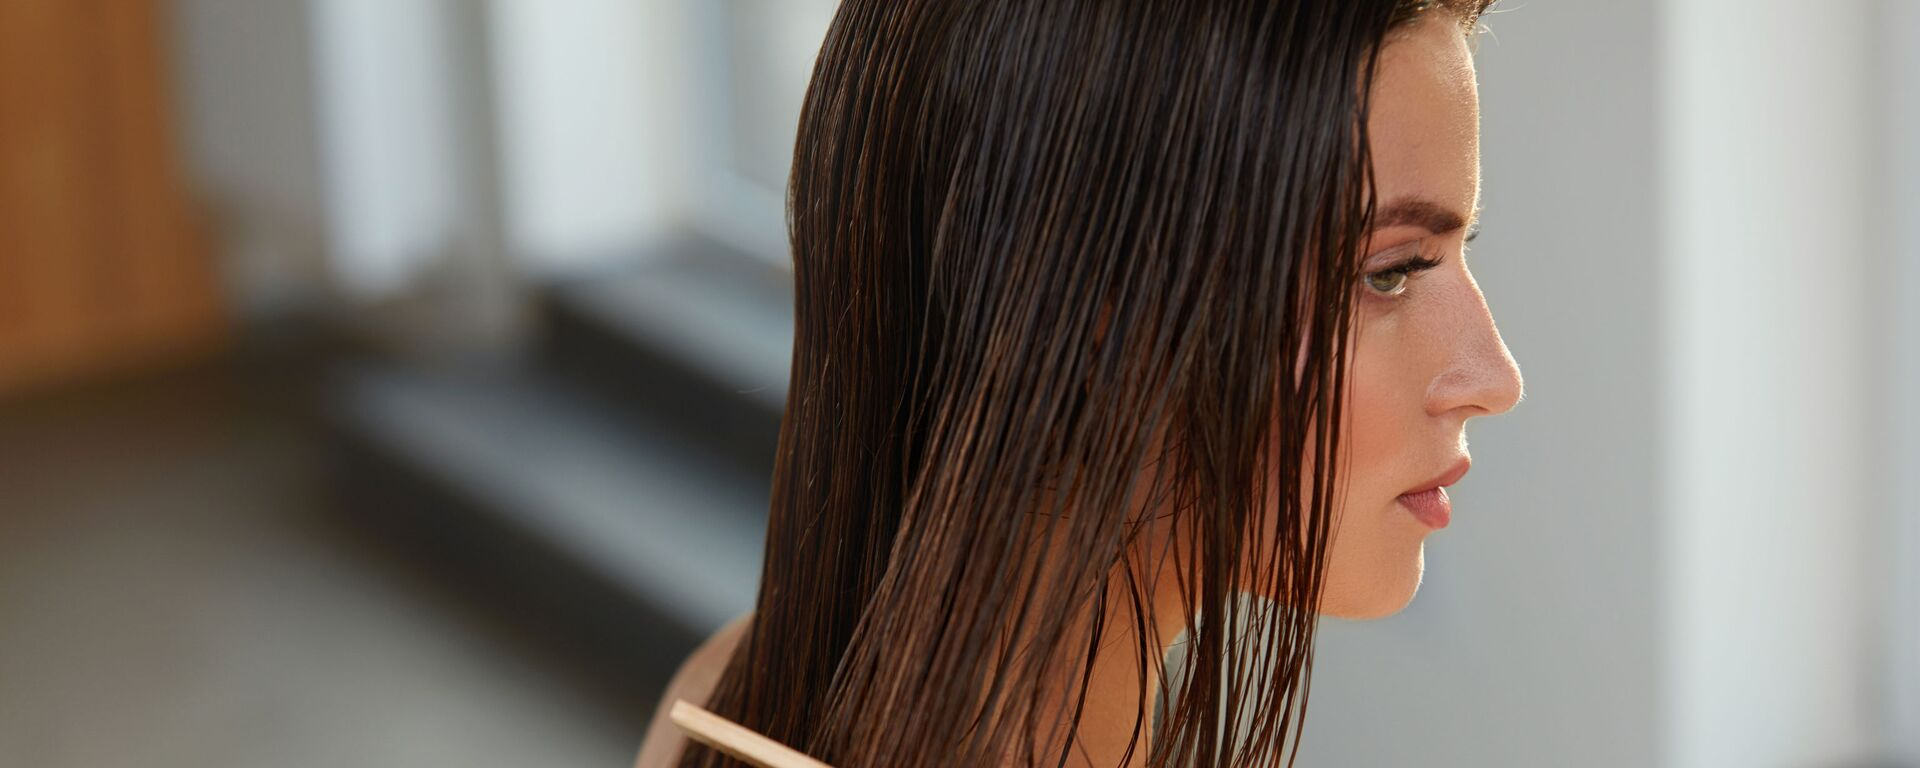 Девојка рашчешљава косу - Sputnik Србија, 1920, 21.09.2021